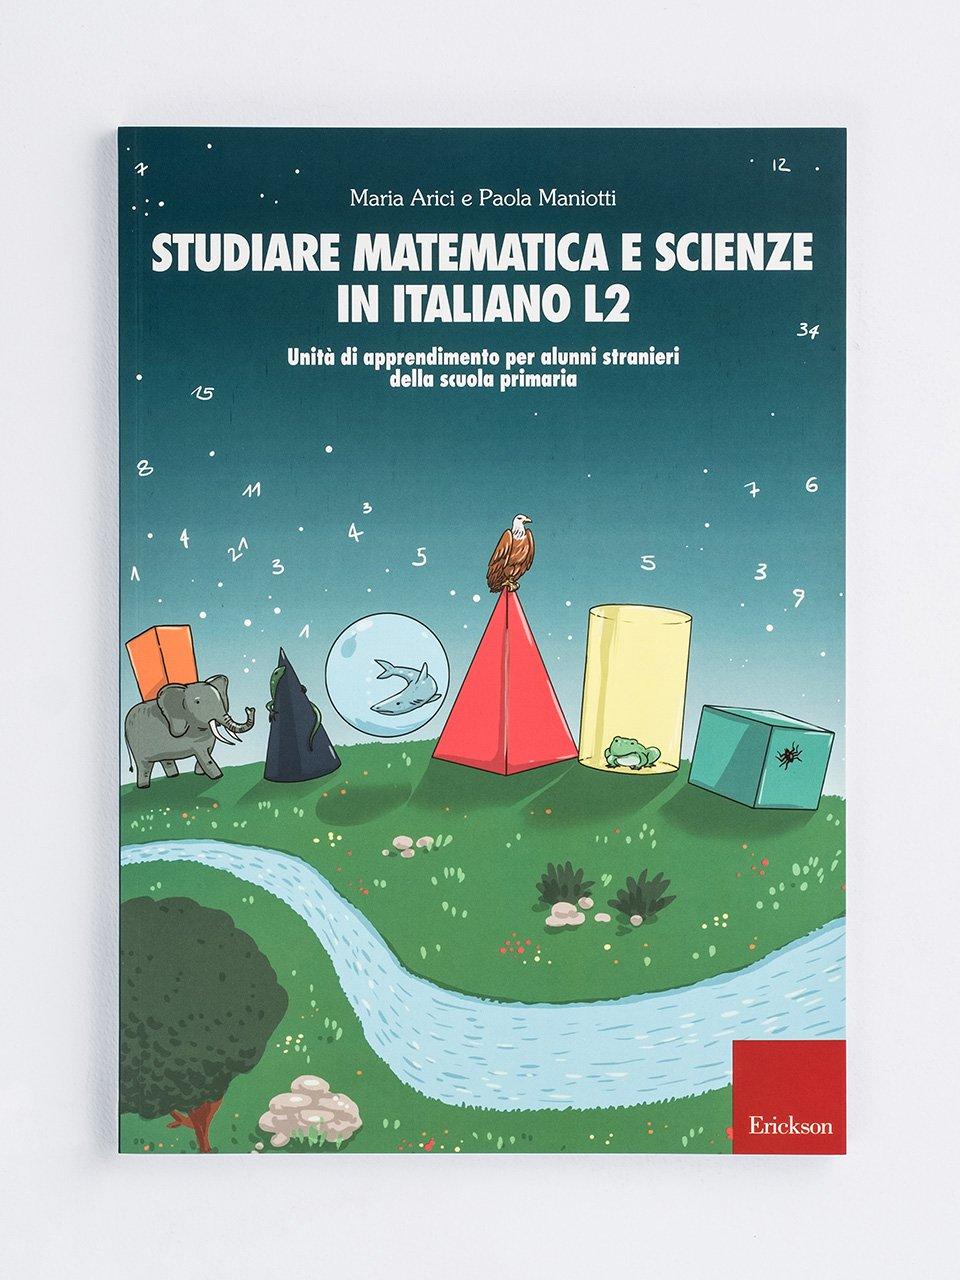 Studiare matematica e scienze in italiano L2 - Il musulmano e l'agnostico - Libri - Erickson